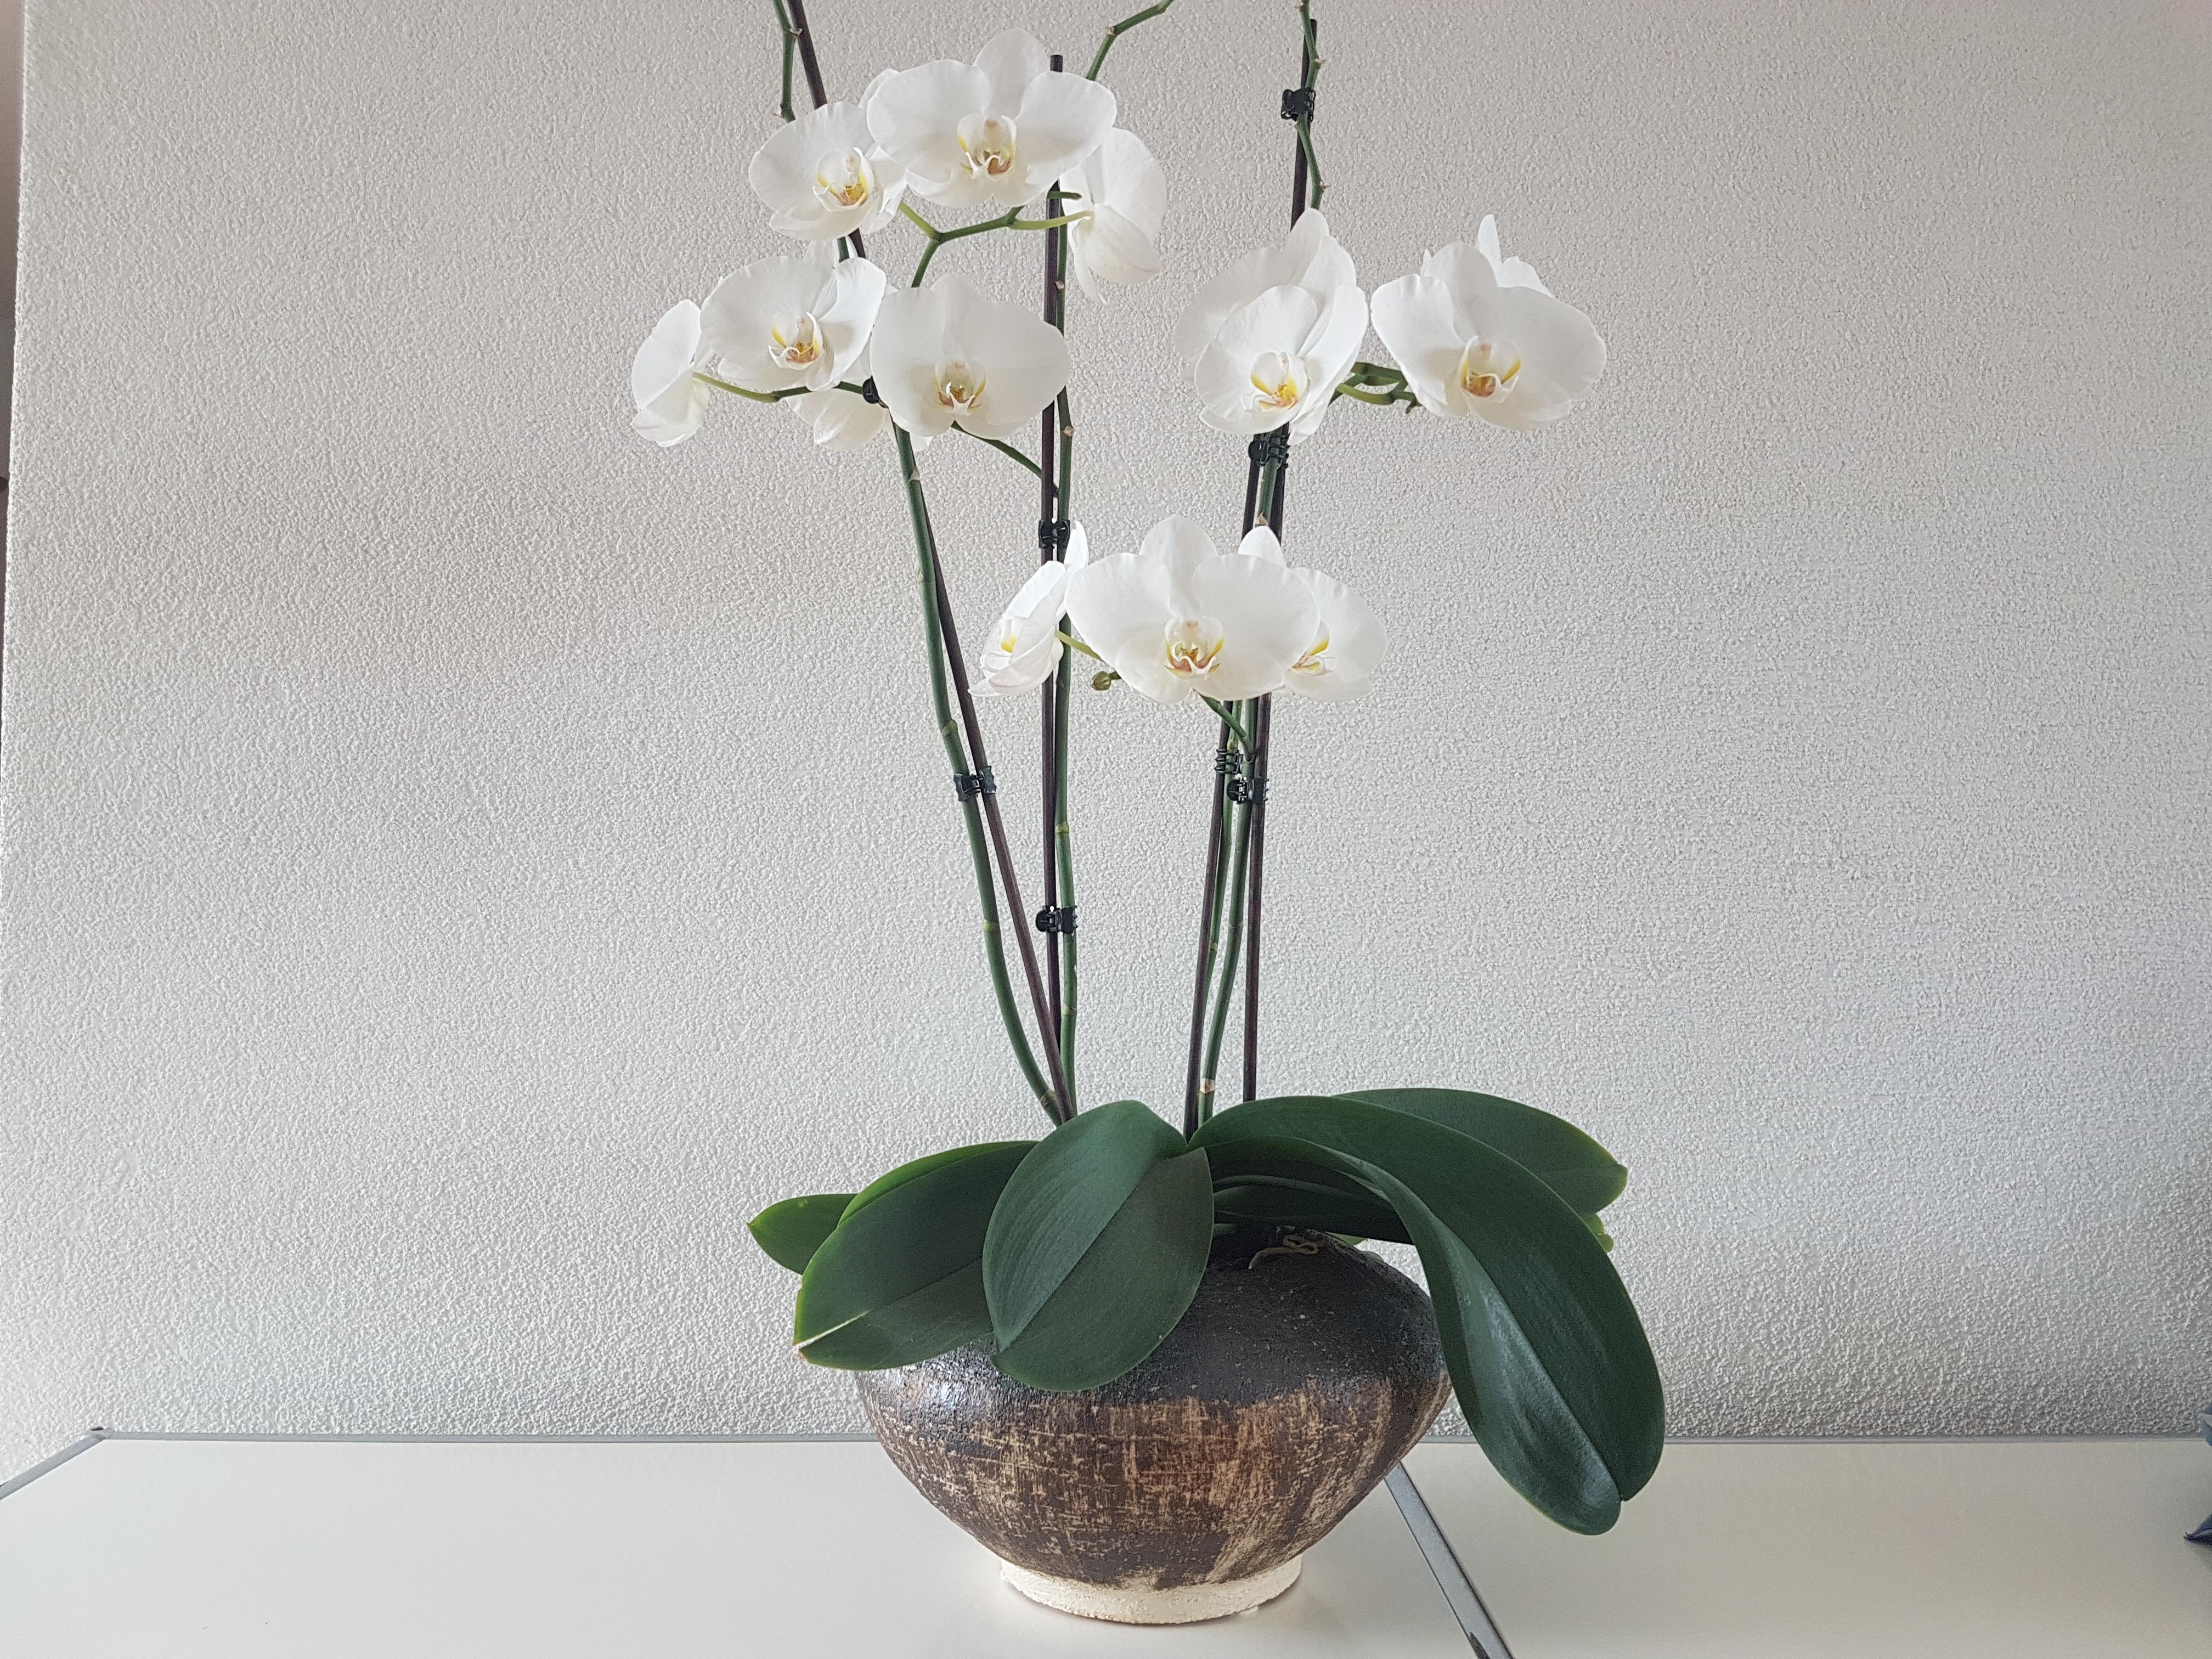 Gefäss für Orchideen, Braunstein